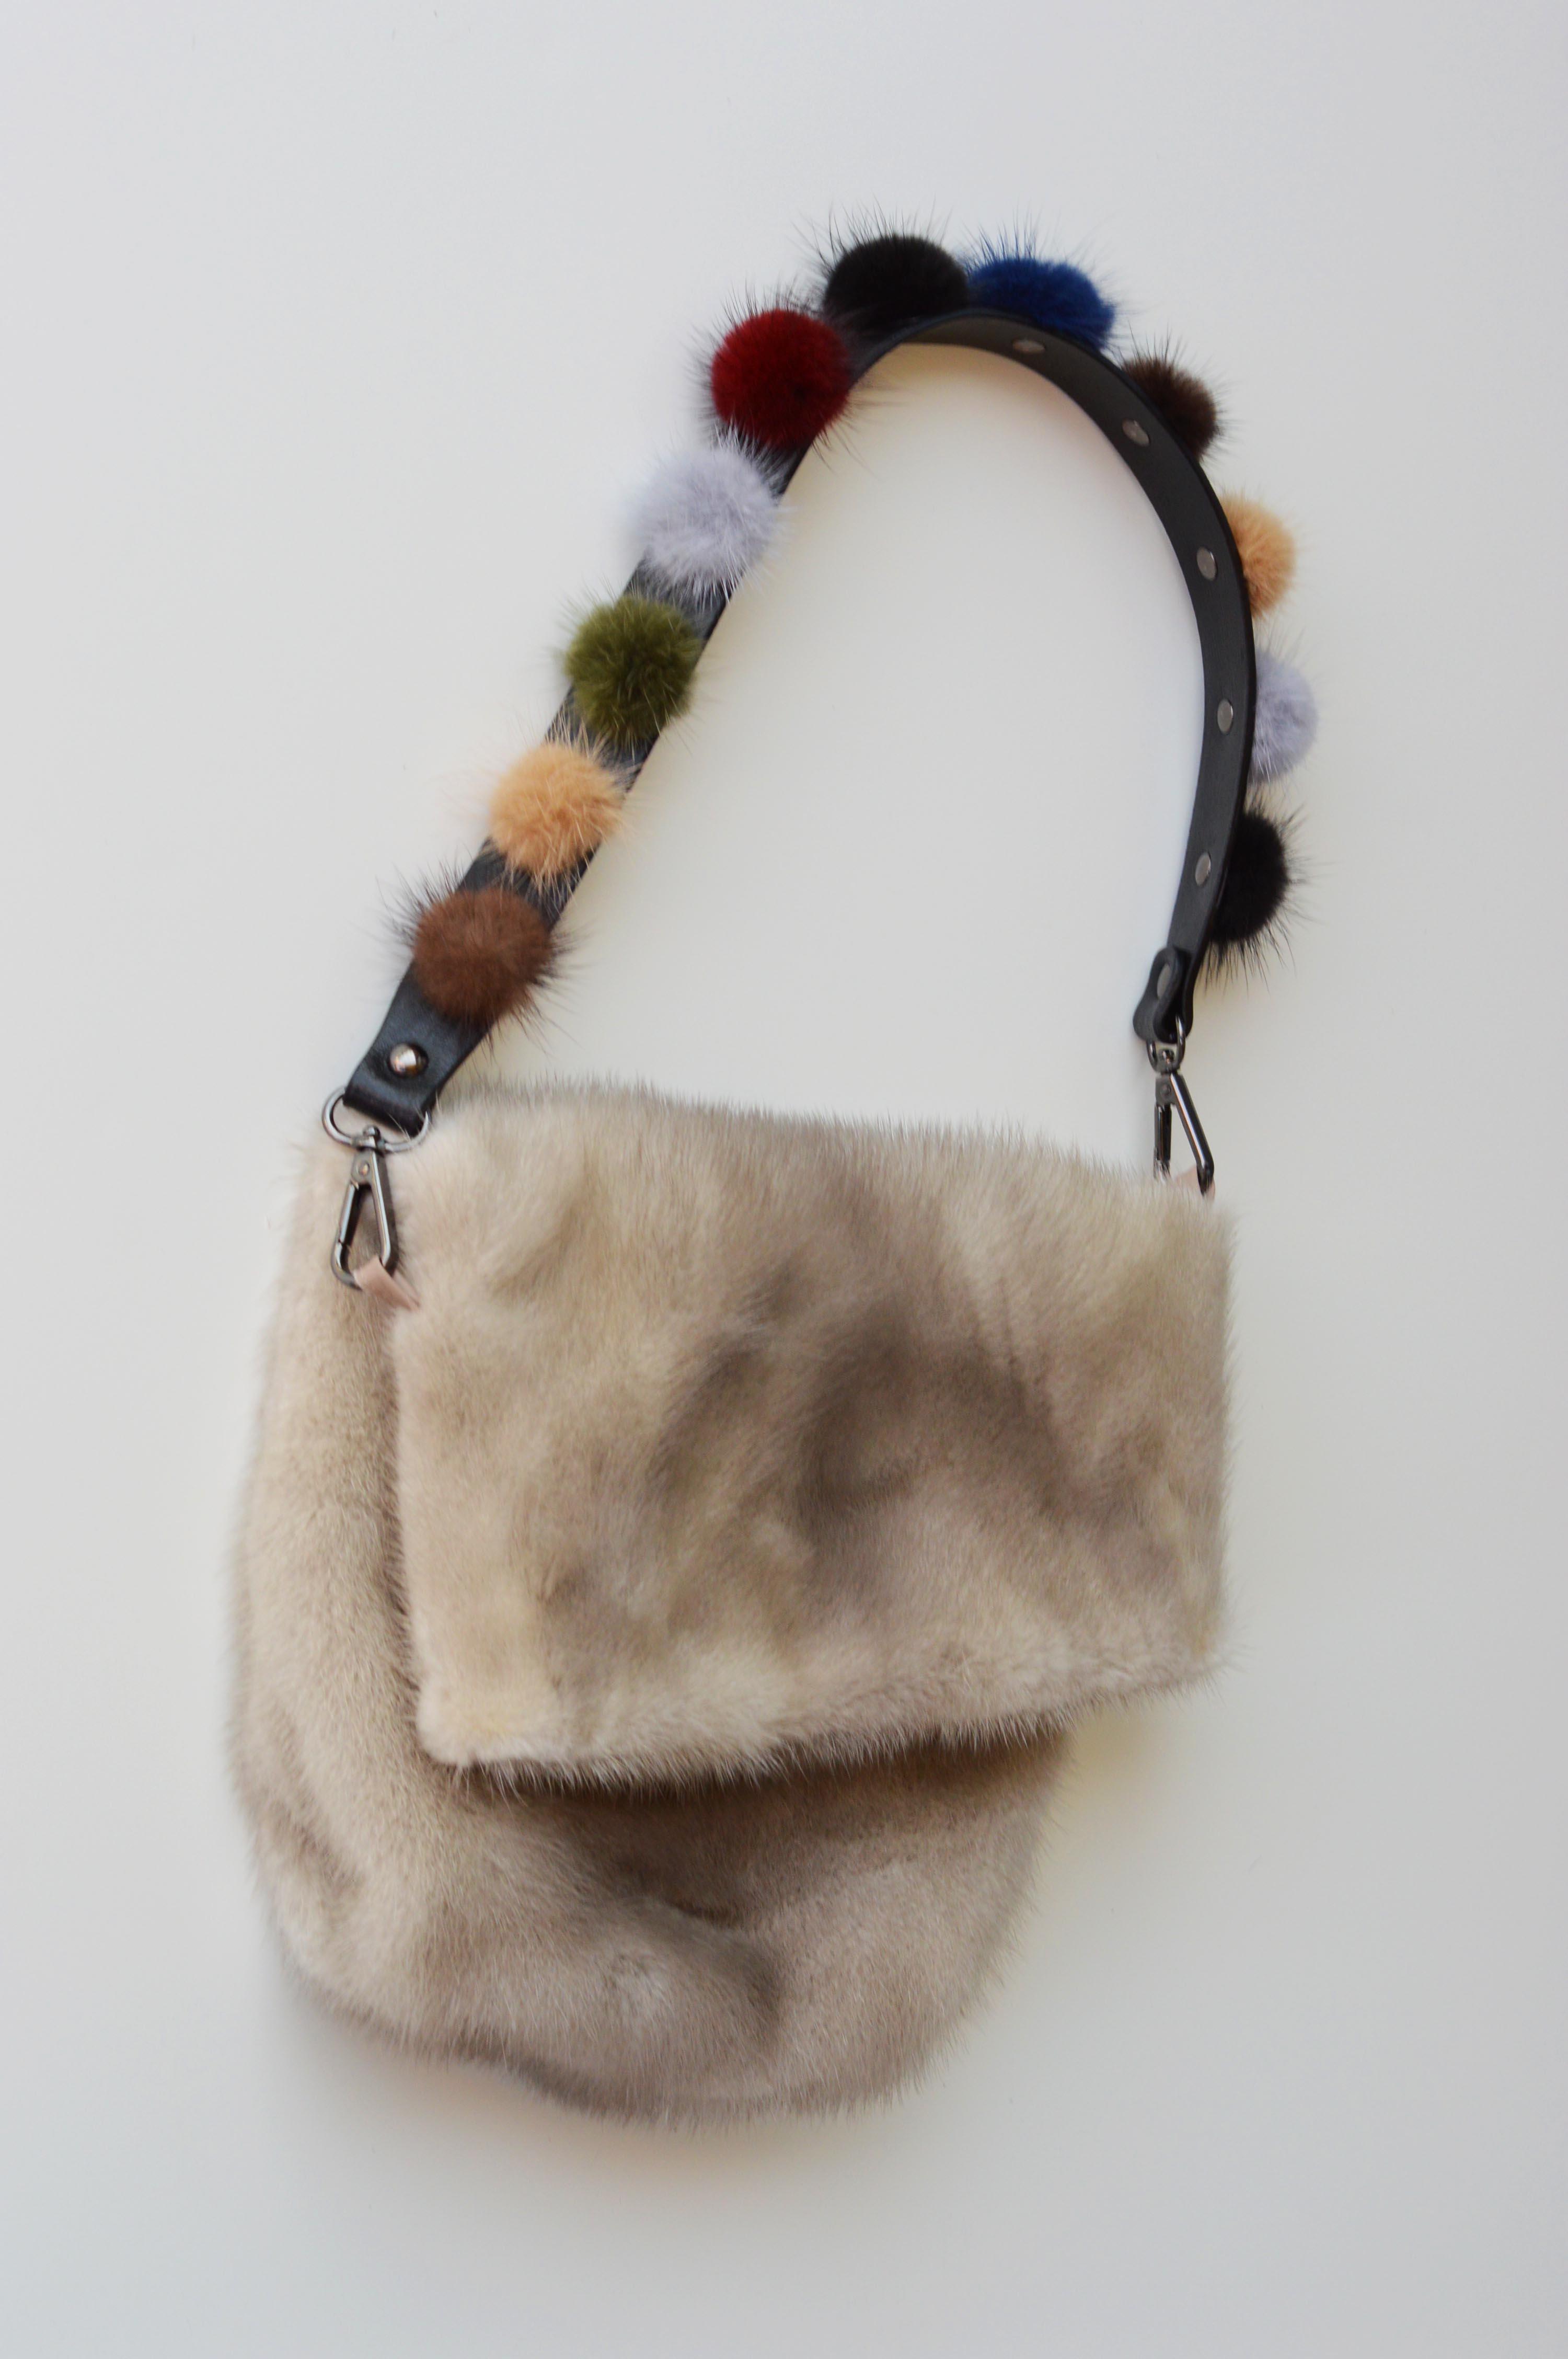 quantità limitata prezzo migliore la più grande selezione di Tracolla borsa di pelliccia con pom pom di visone colorati